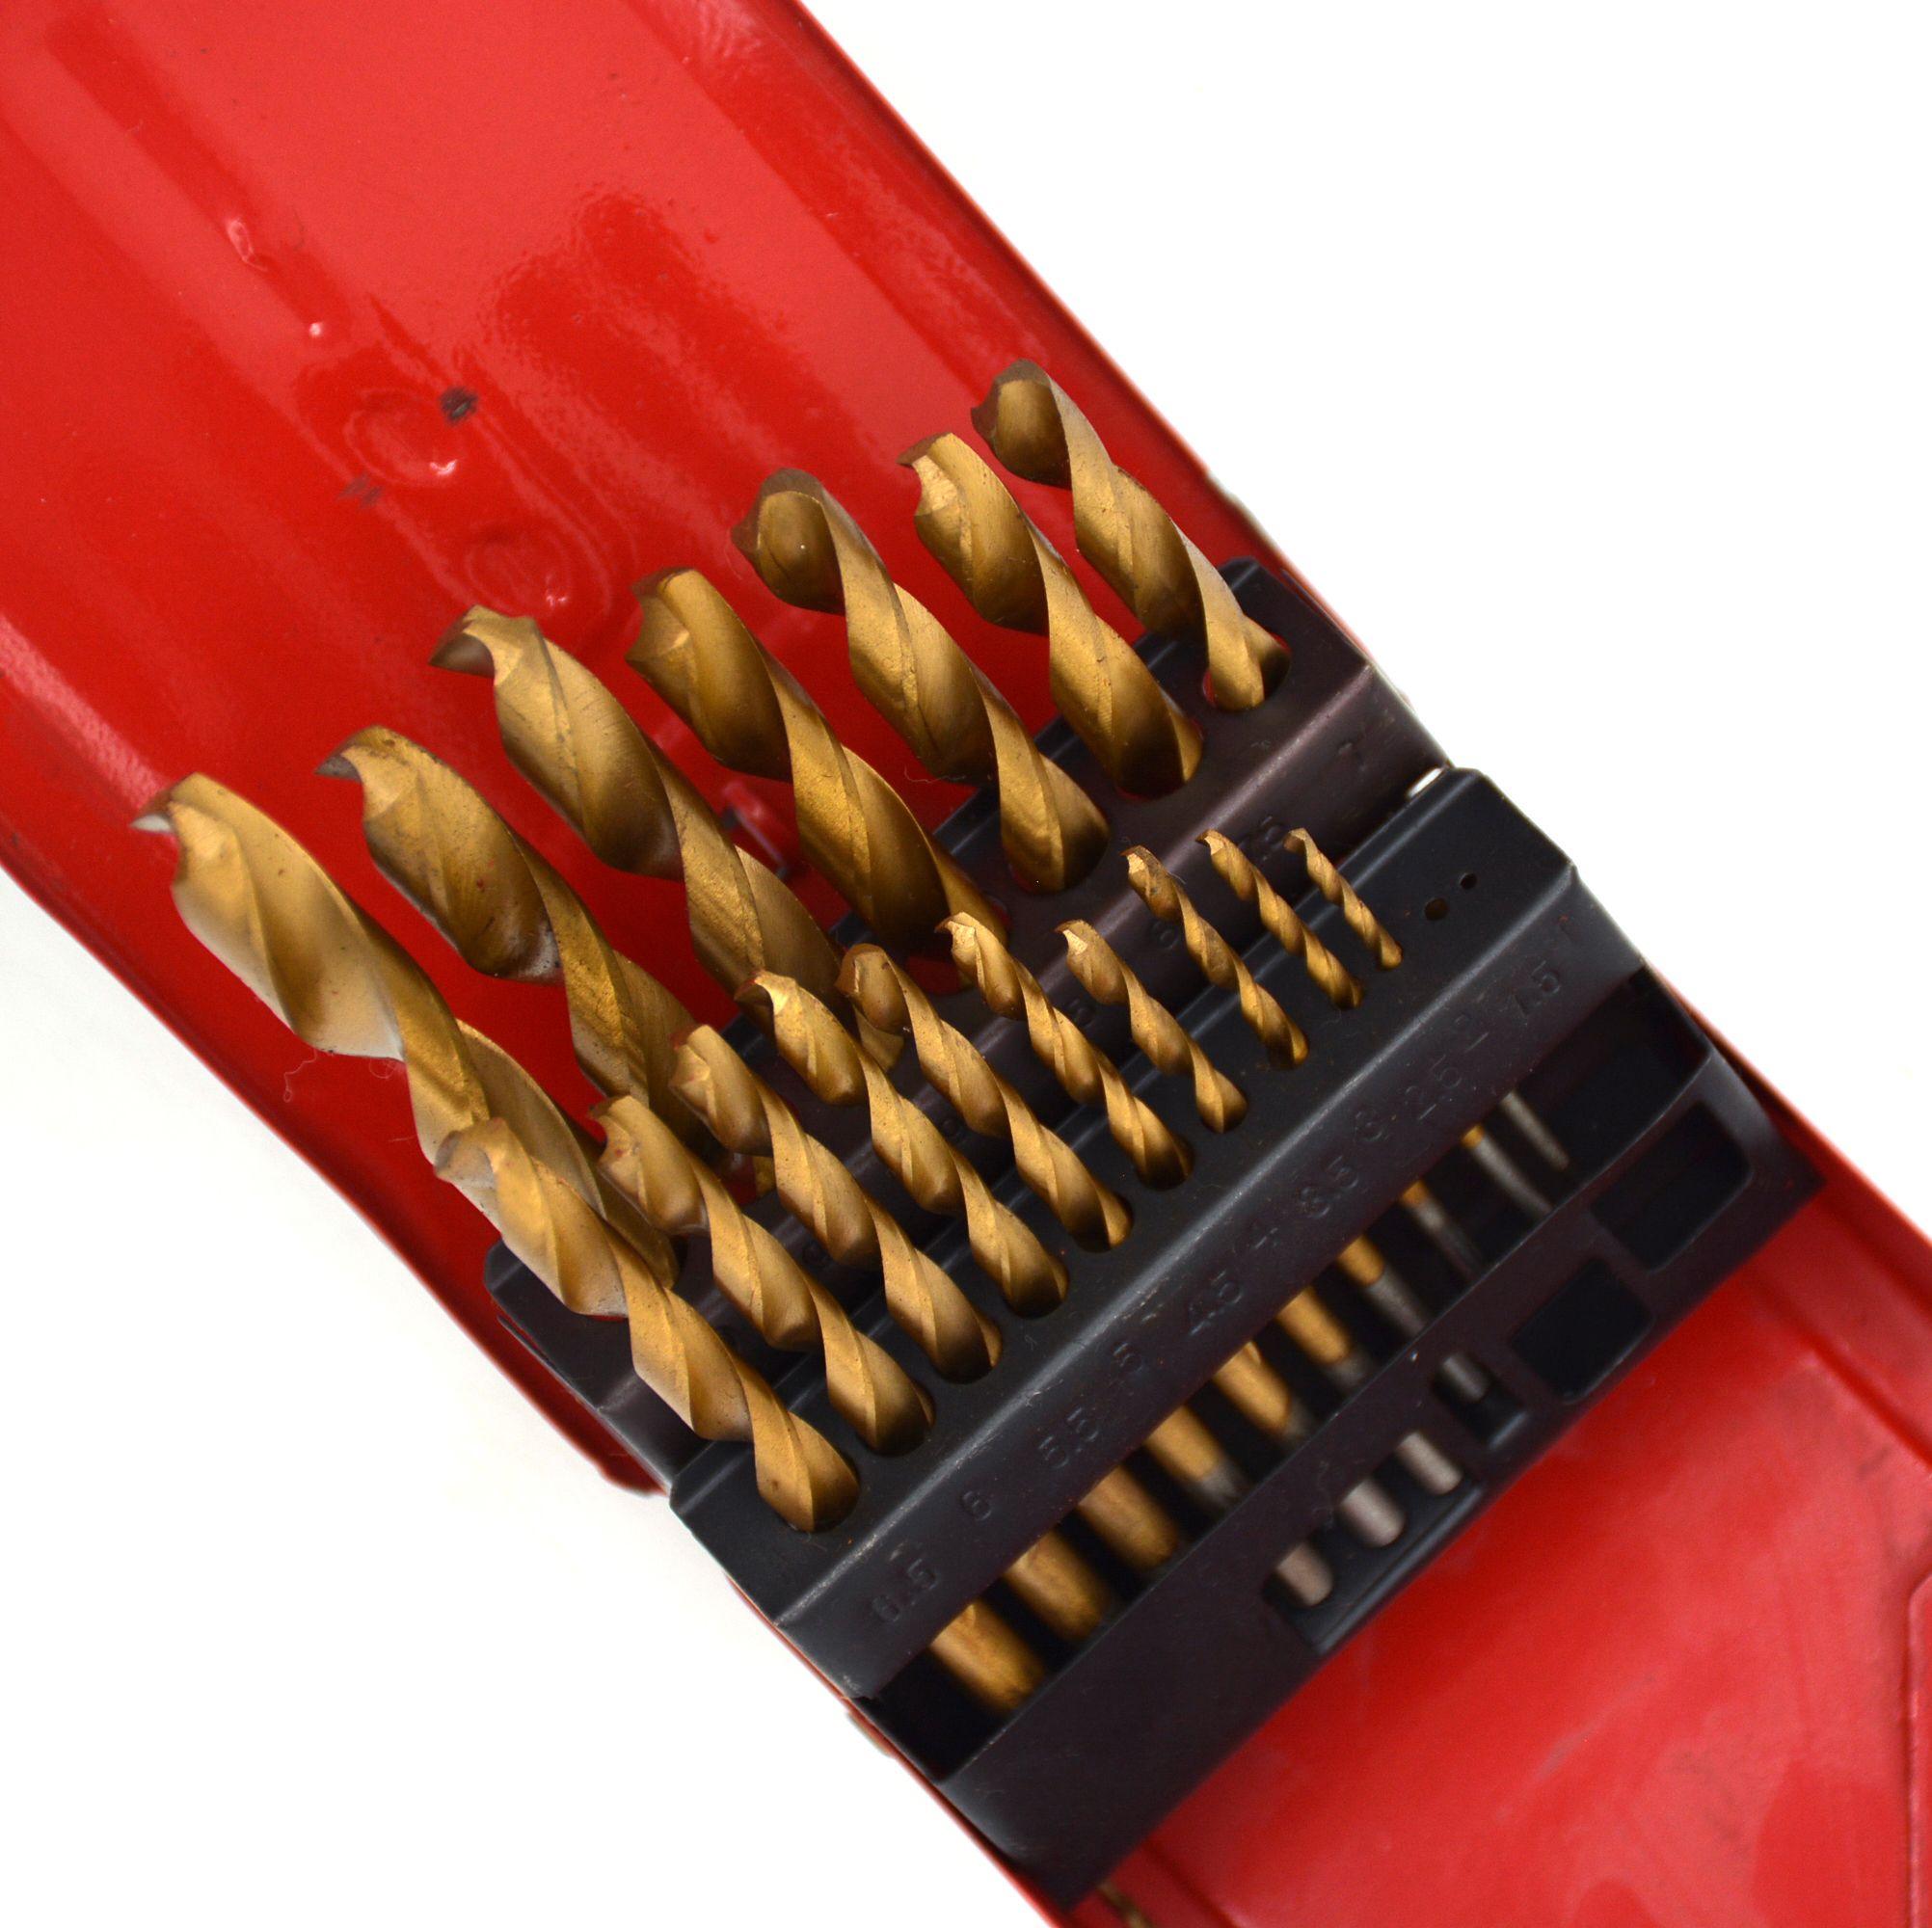 RICHOICE spiral titanium hss step drill bit set 4-12 4-20 4-30 5-28 6-38 6-32 6-25